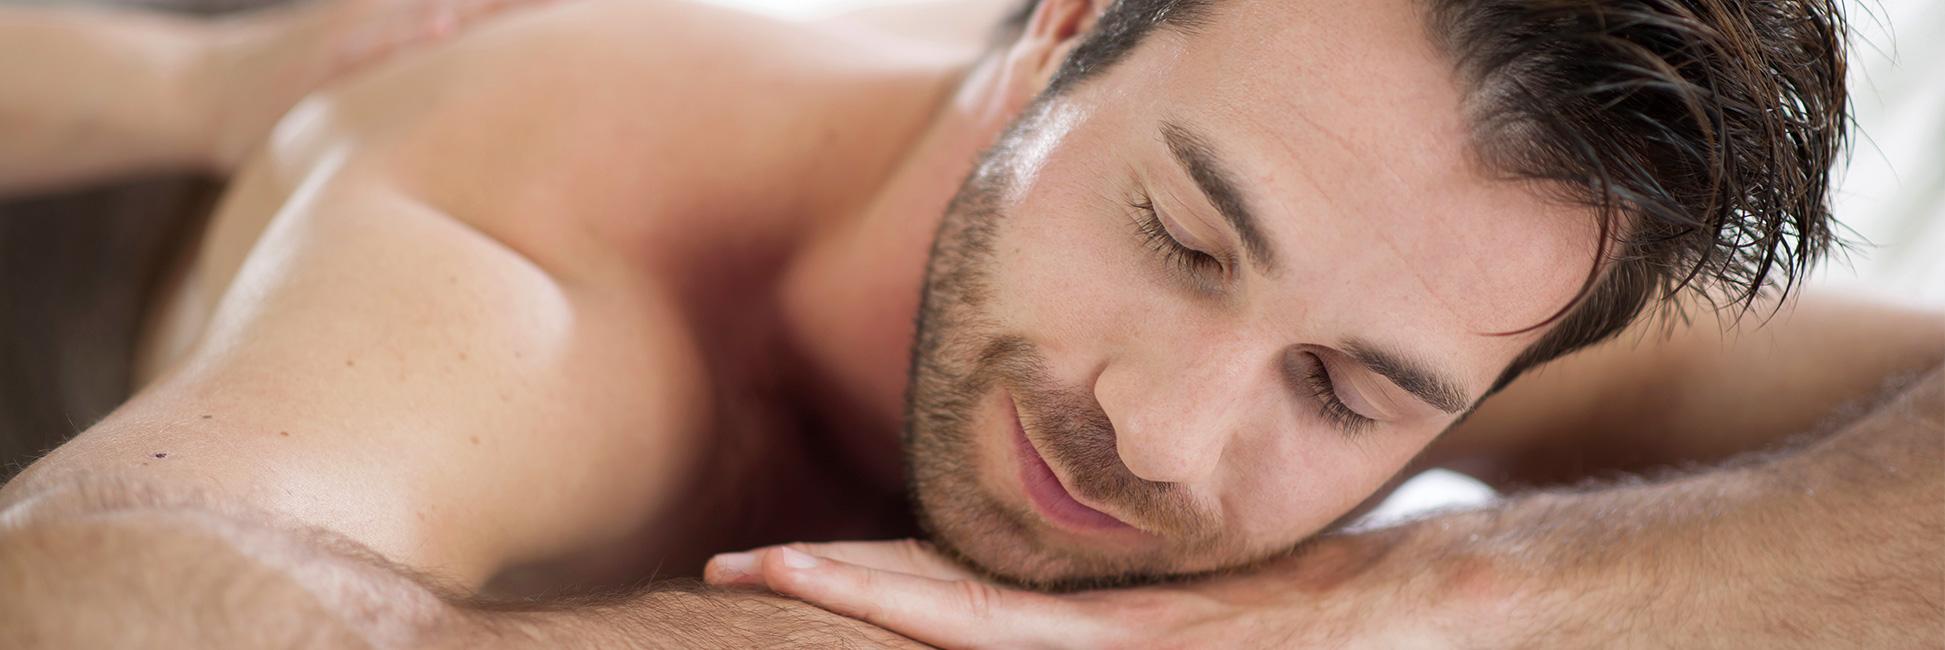 Hotel Gasthof zur Post Mann relaxt bei Massage